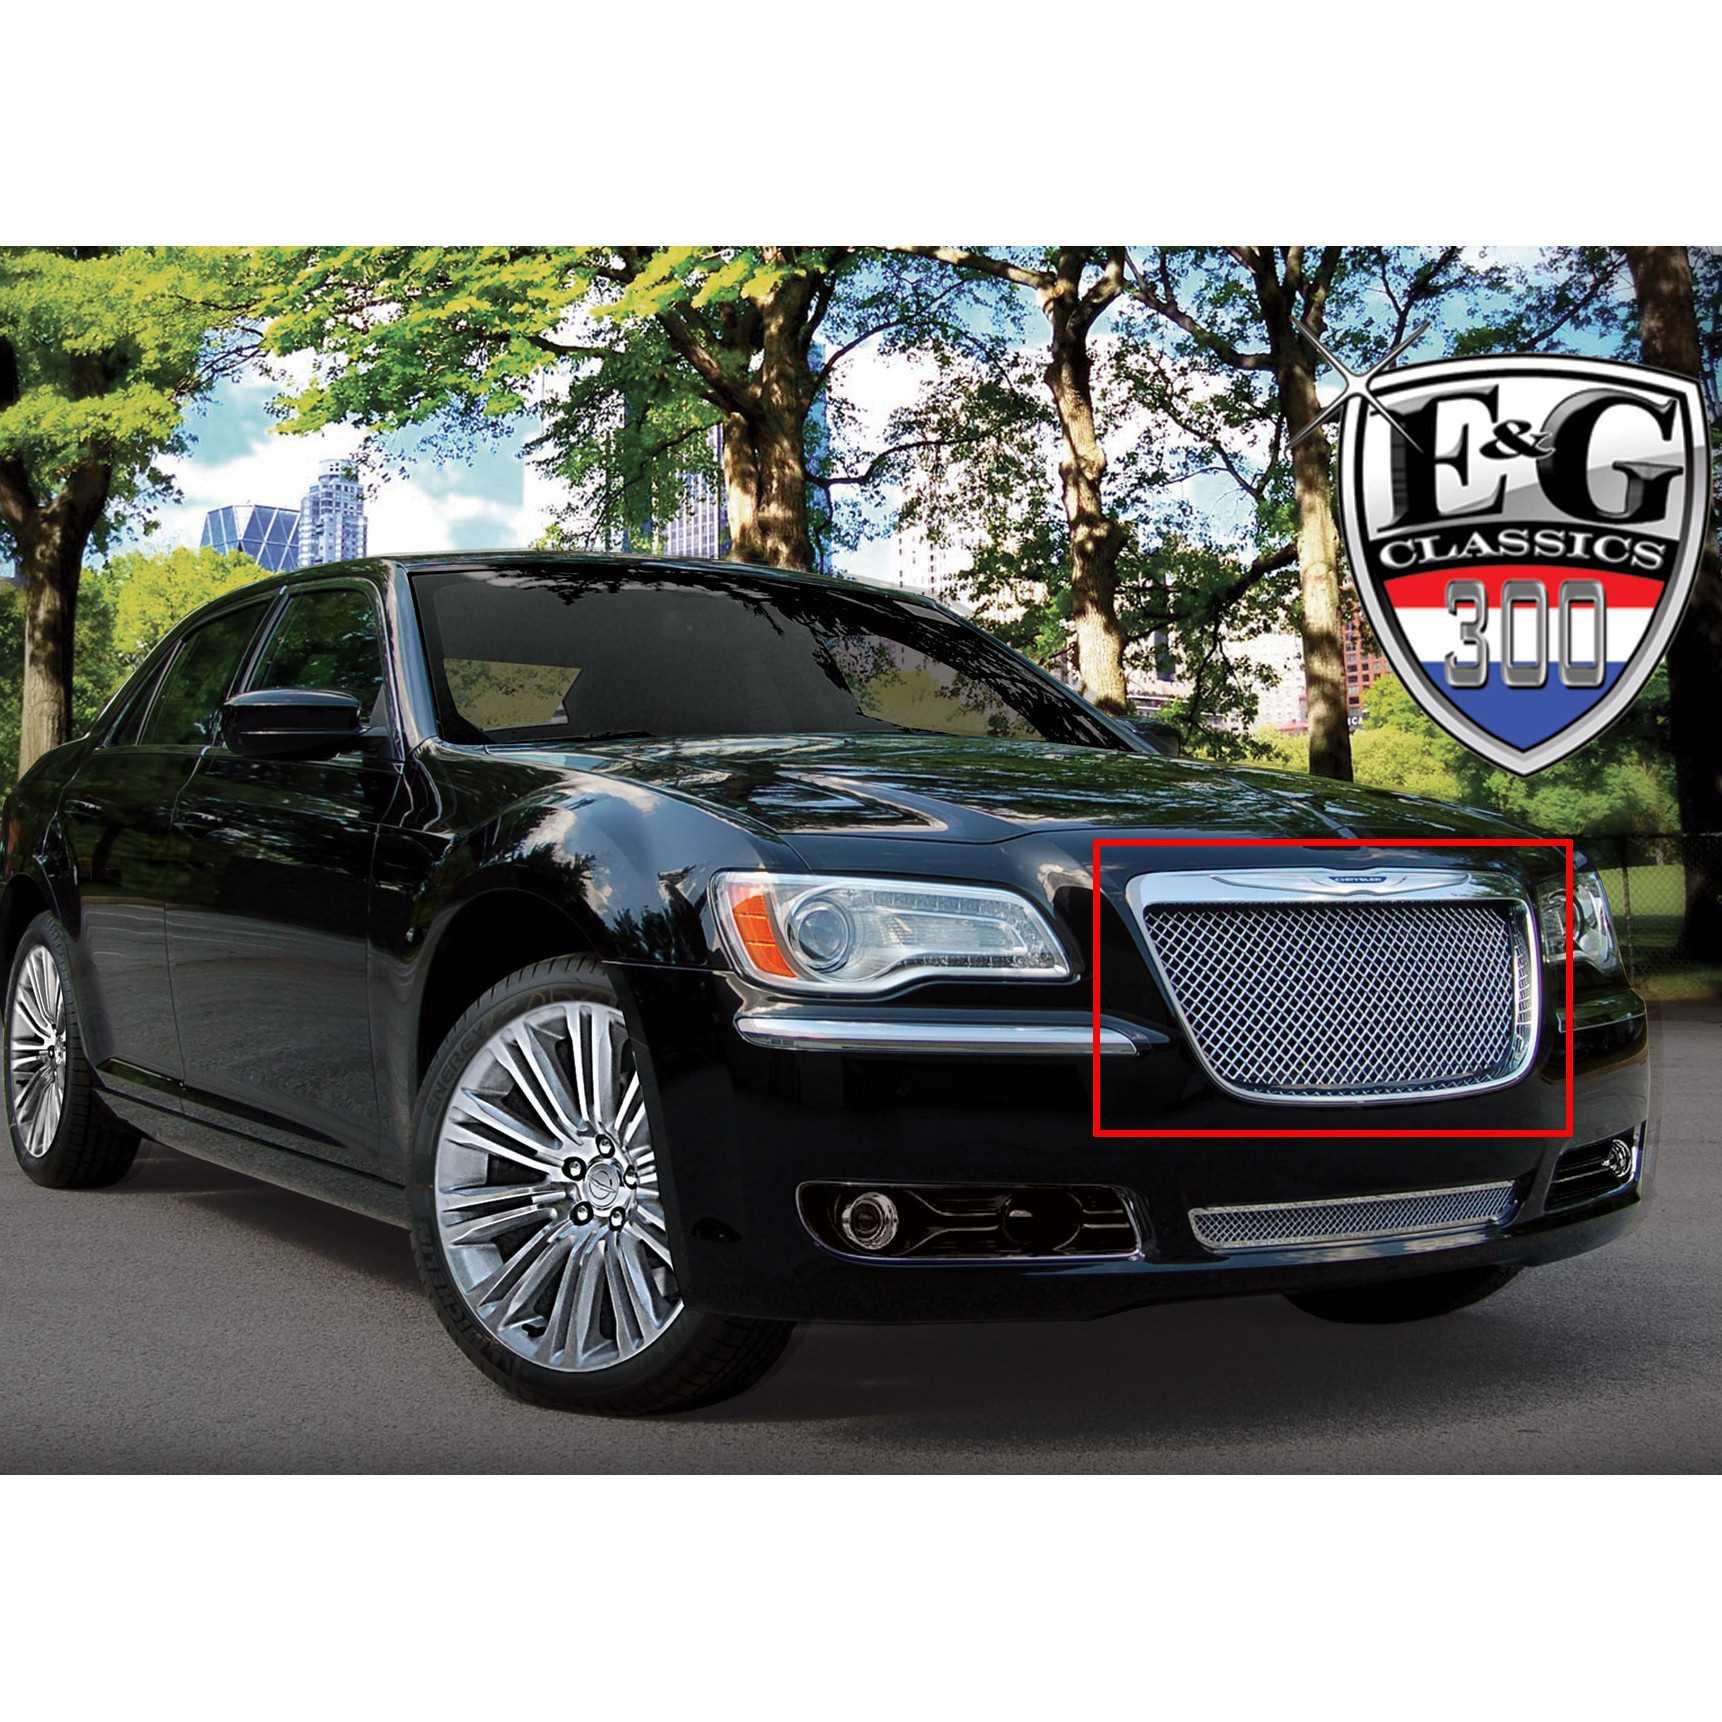 E&G Classics 2011-2014 Chrysler 300 Grille Heavy Mesh